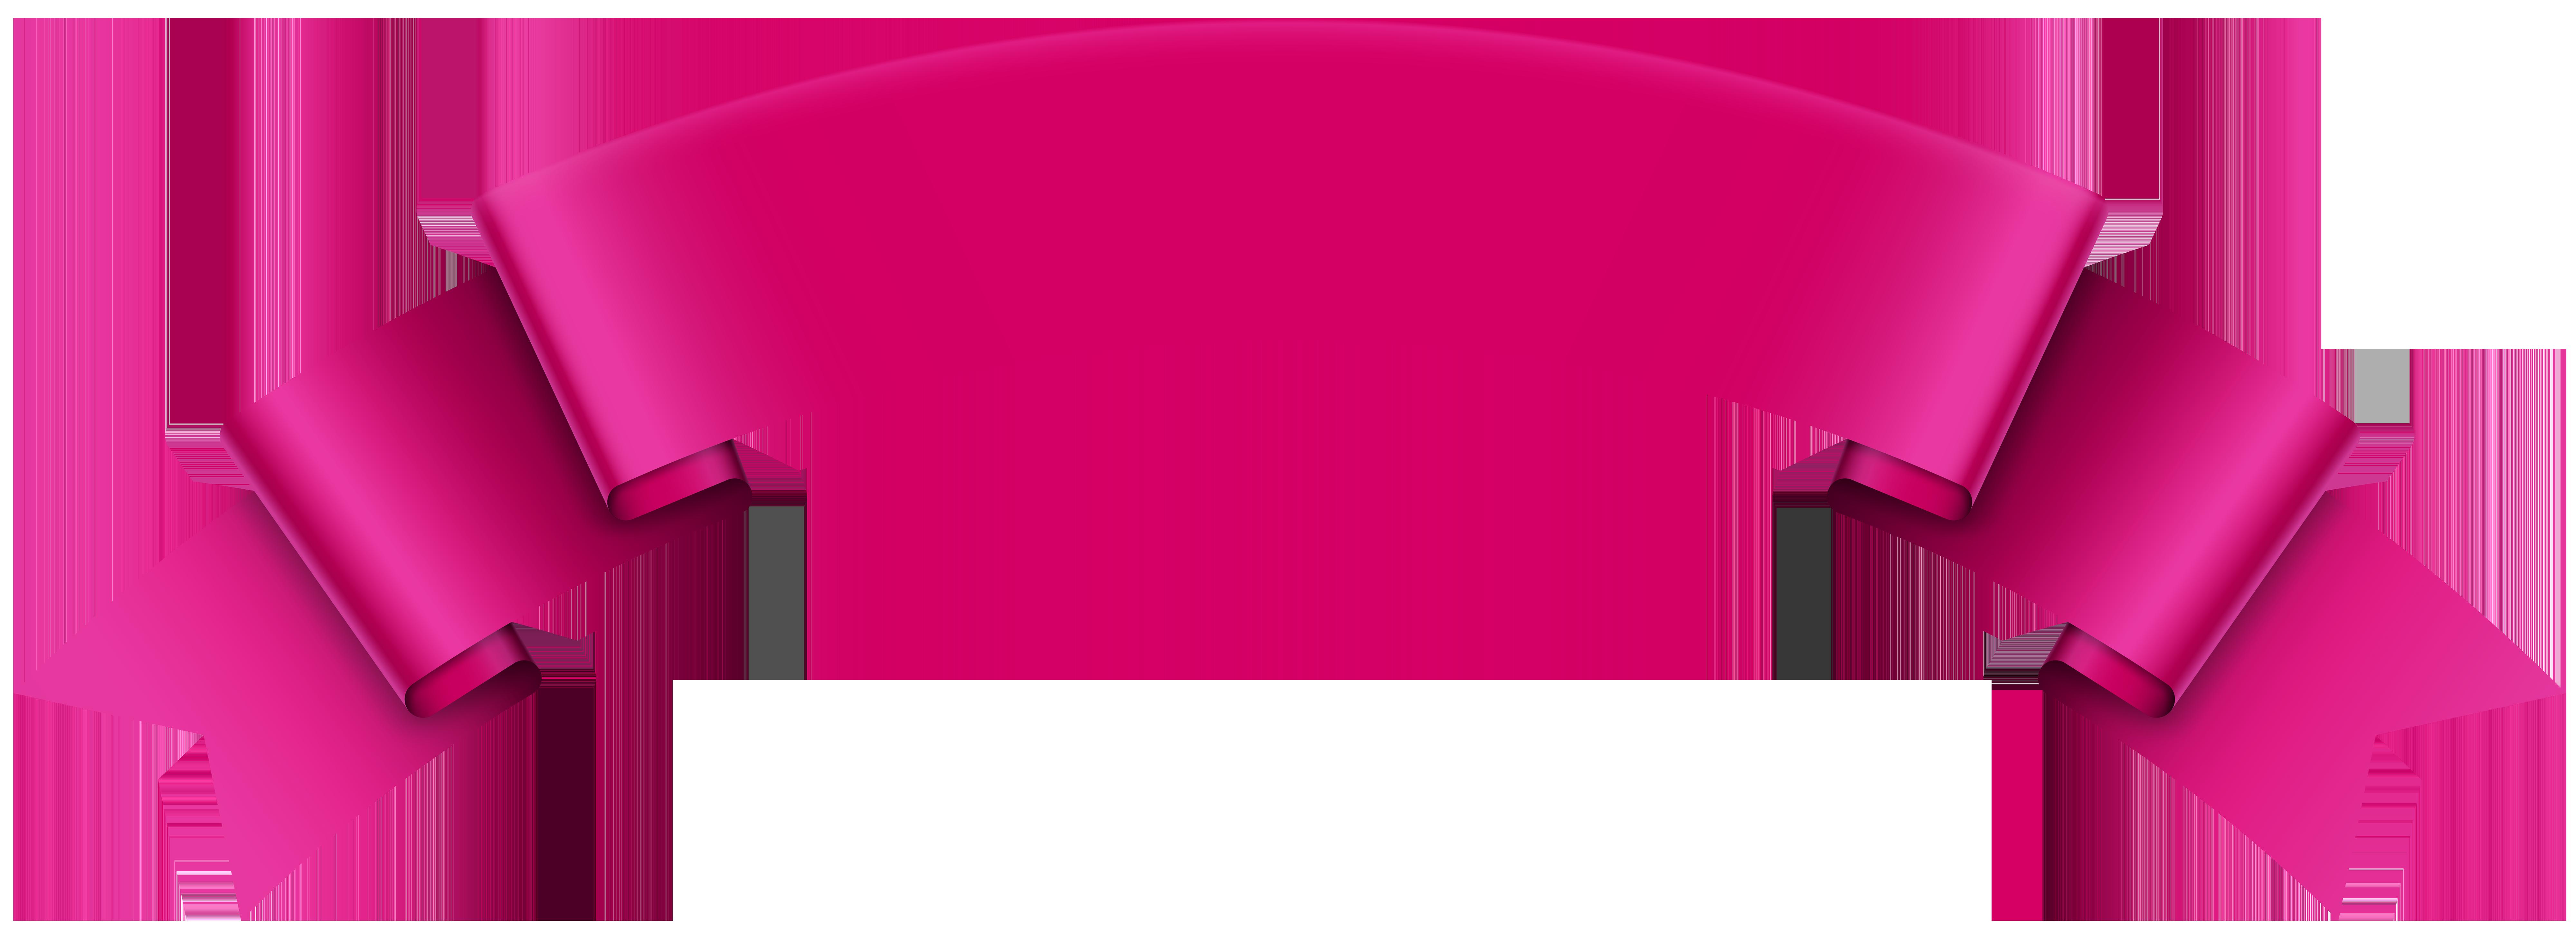 Banner Pink Transparent PNG Clip Art Image | Art images ...